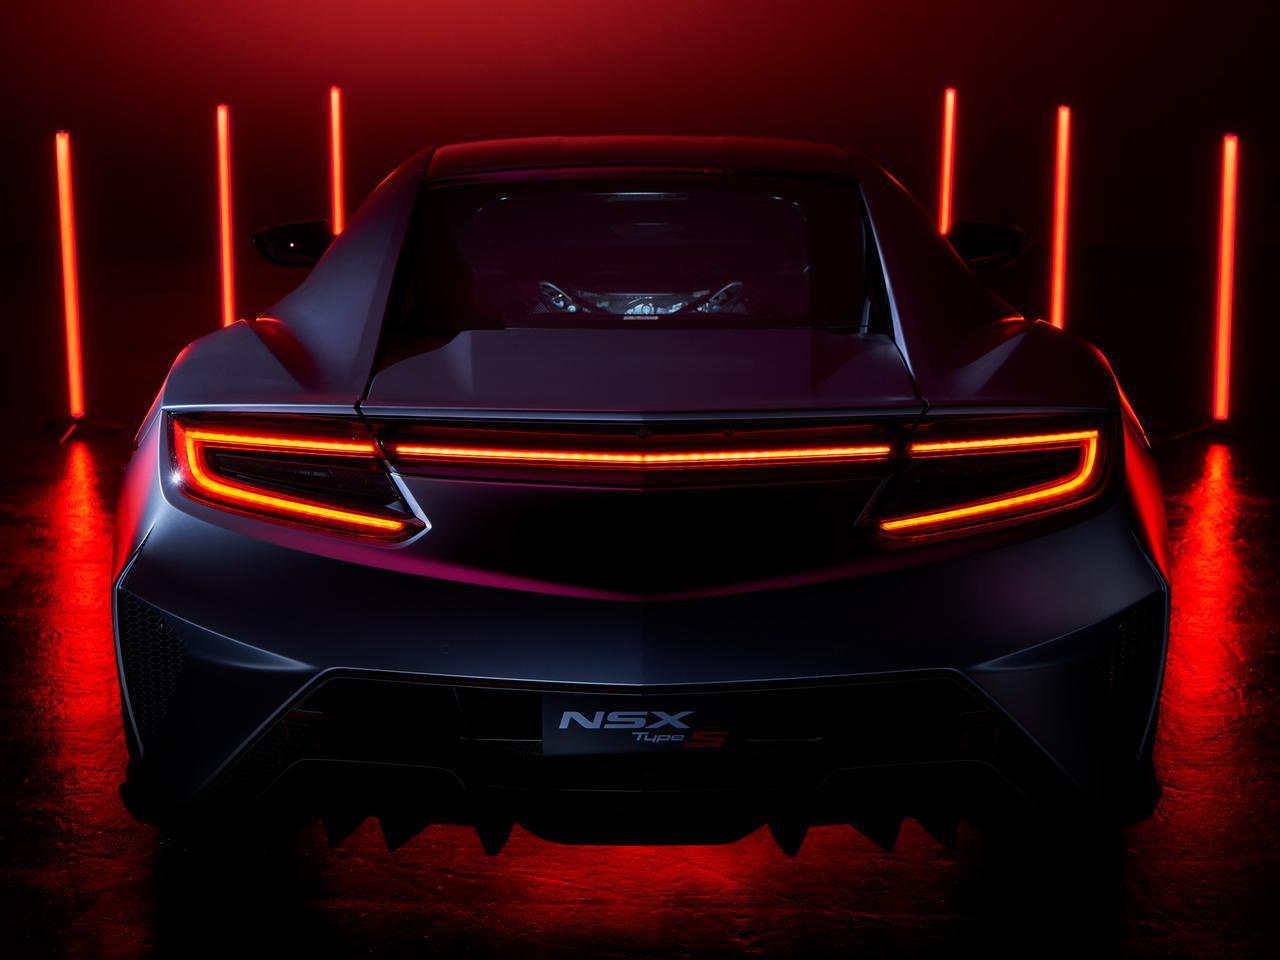 これが最終モデル! ホンダが「NSX タイプS」の情報を世界初公開。デザインを大幅変更か